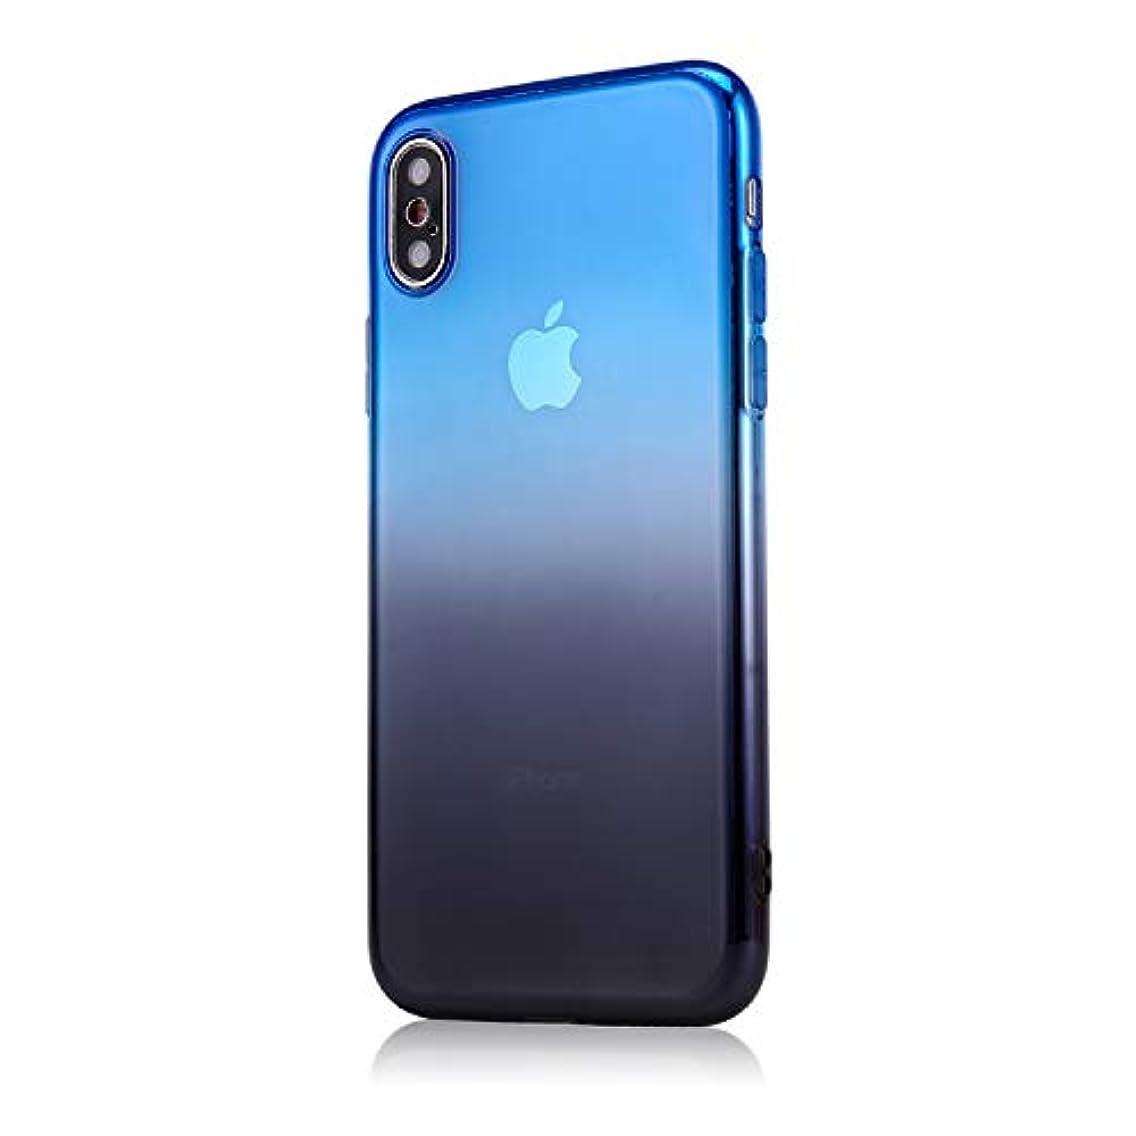 スプーン首尾一貫した隣接するiPhone XSモバイルシェル iphoneX携帯電話ケース iphoneXS/MAX 超薄型ドロッププロテクション 透明携帯ケース グラデーション カラー (iPhone X ケース)